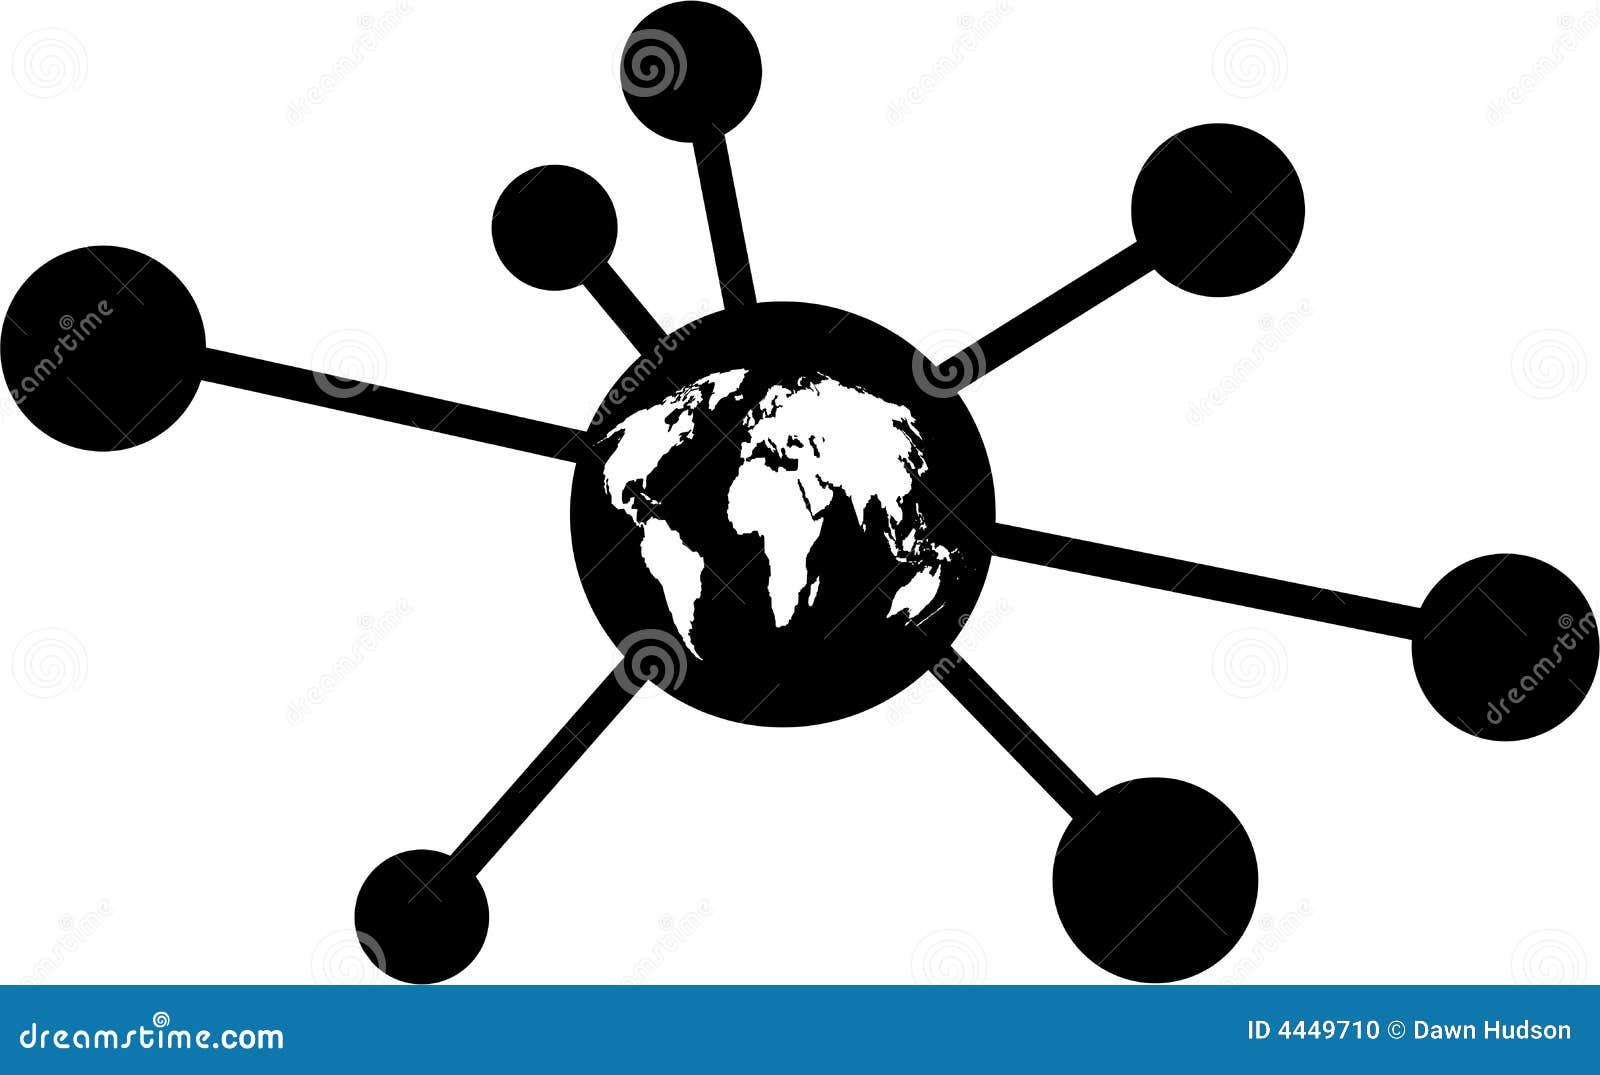 Global molecule